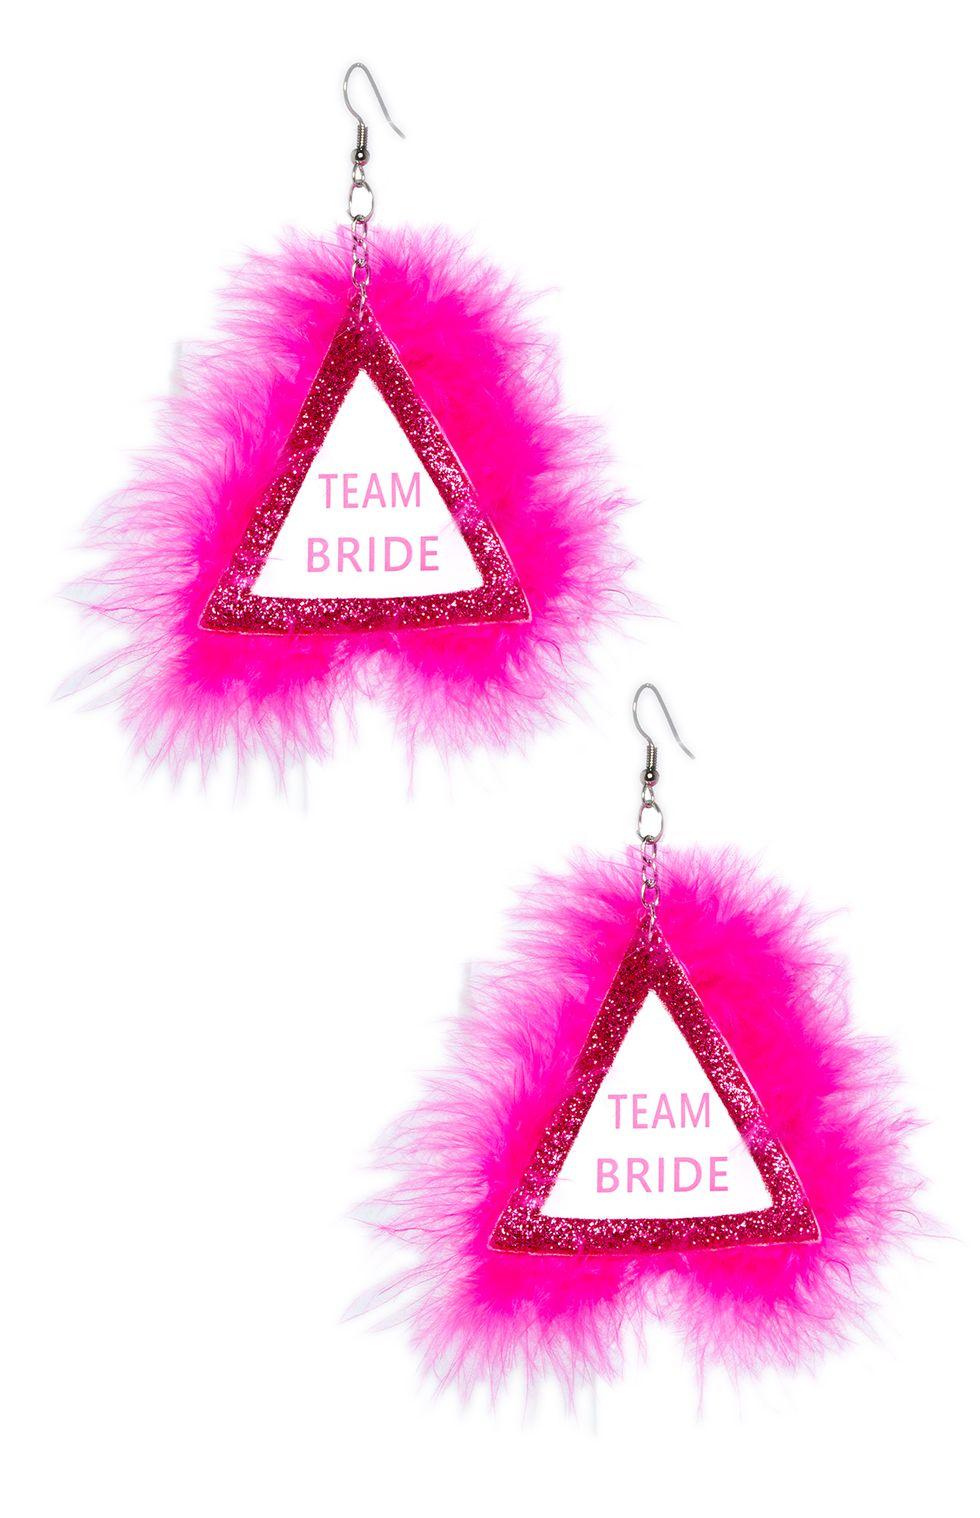 Primark lancia la linea Bridal per la sposa e... L'addio al nubilato